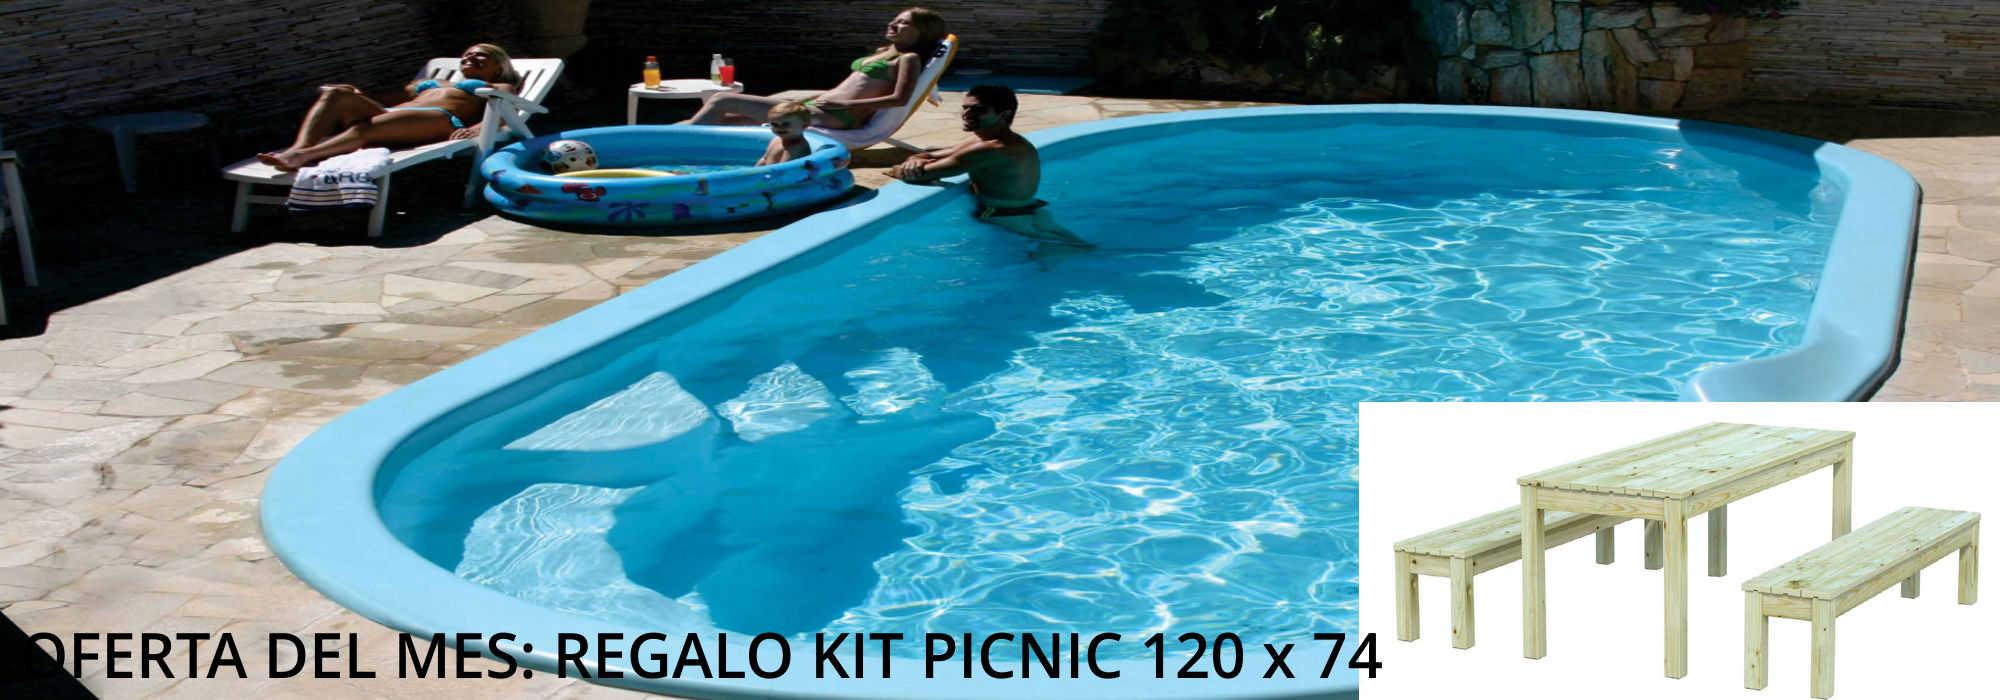 Precio piscina poliester instalada excellent ms imgenes - Piscinas de poliester precios ...